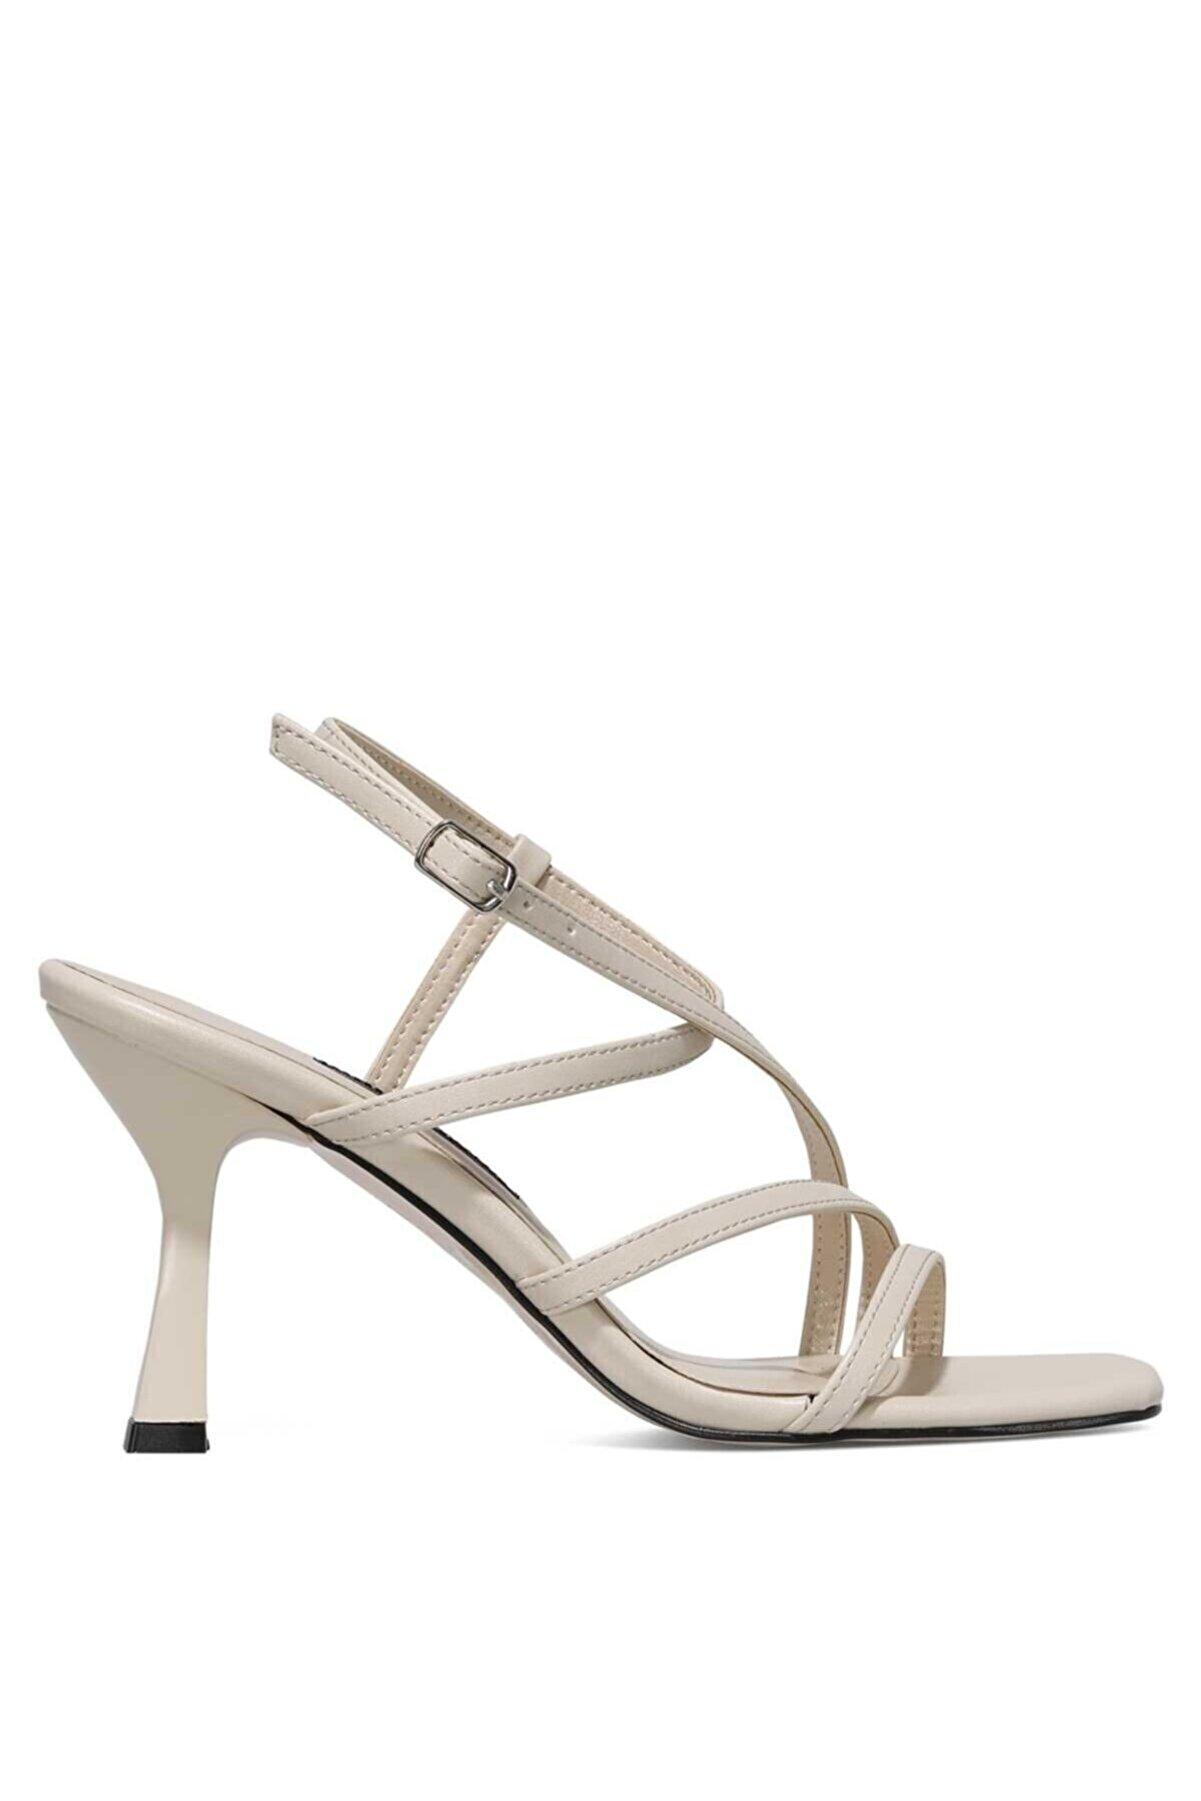 Nine West Rıa 1fx Bej Kadın Topuklu Ayakkabı